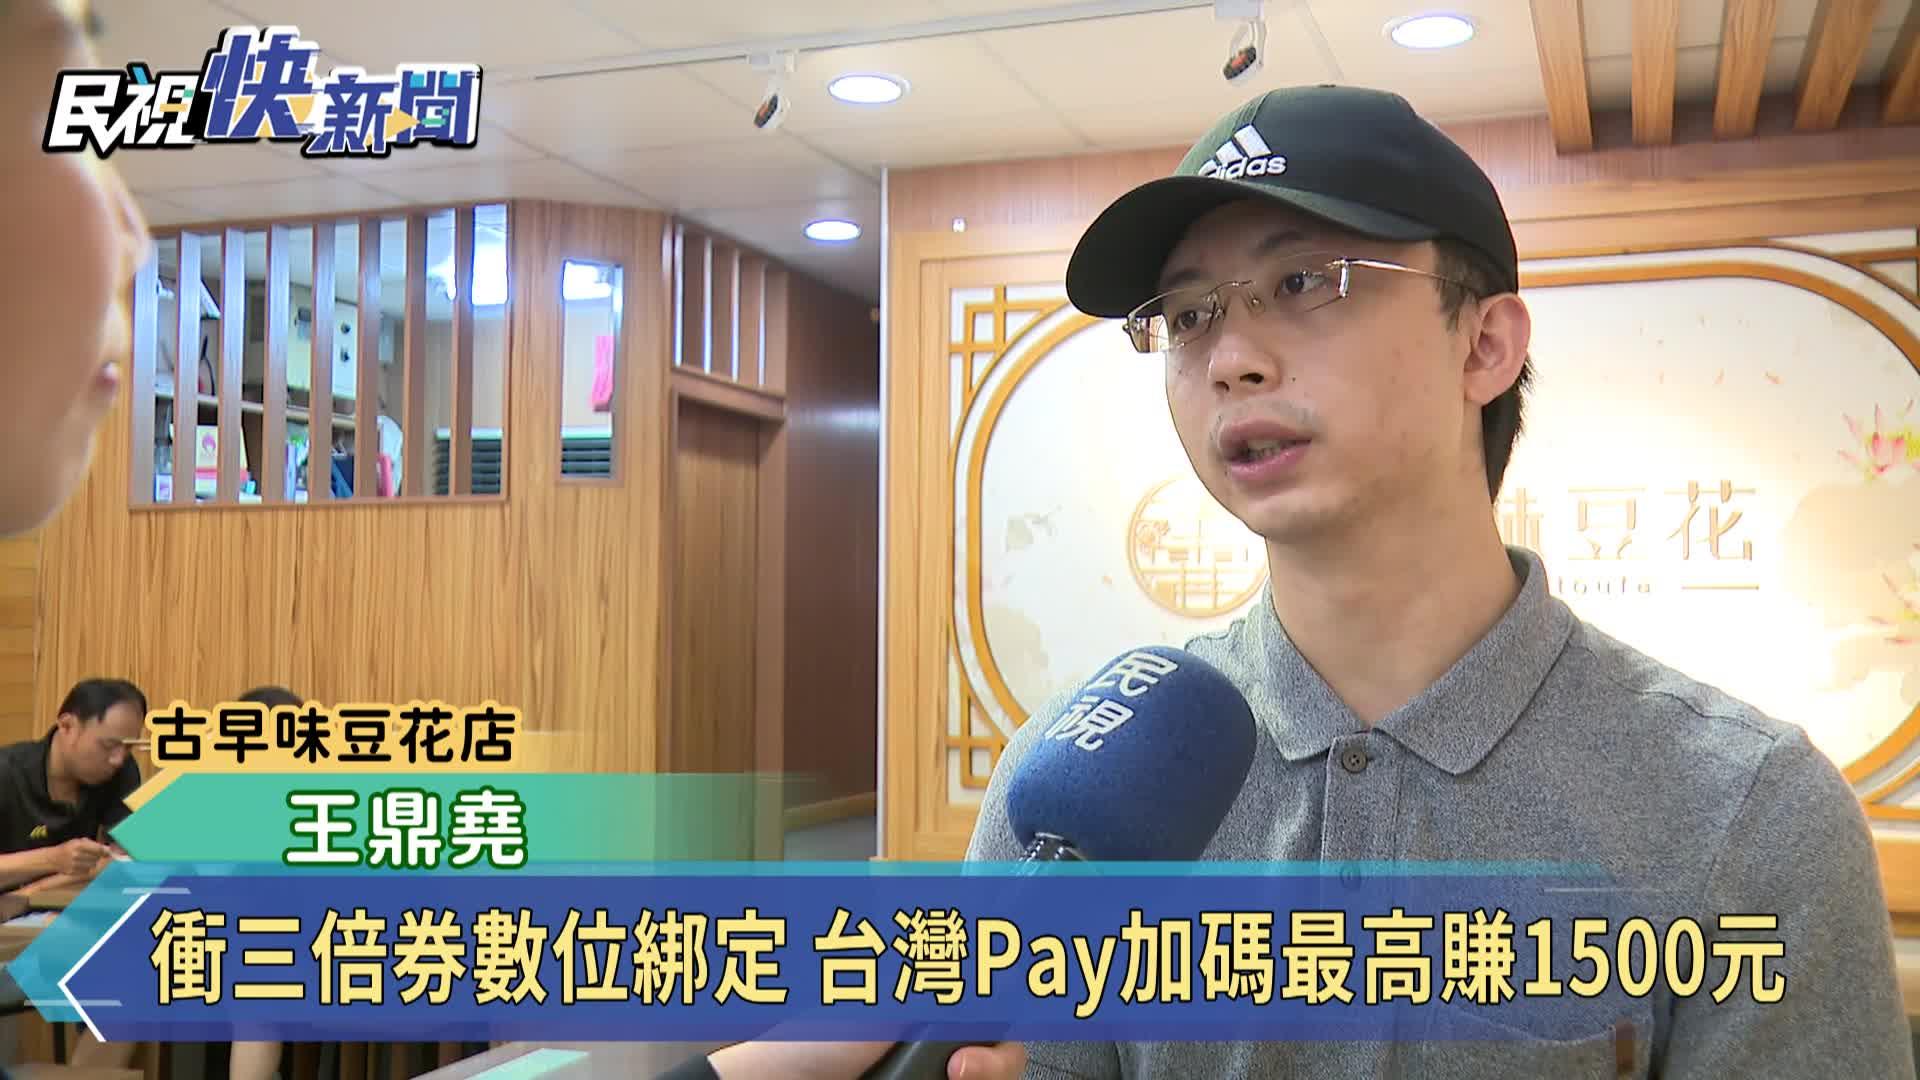 衝三倍券數位綁定 台灣Pay加碼最高賺1500元